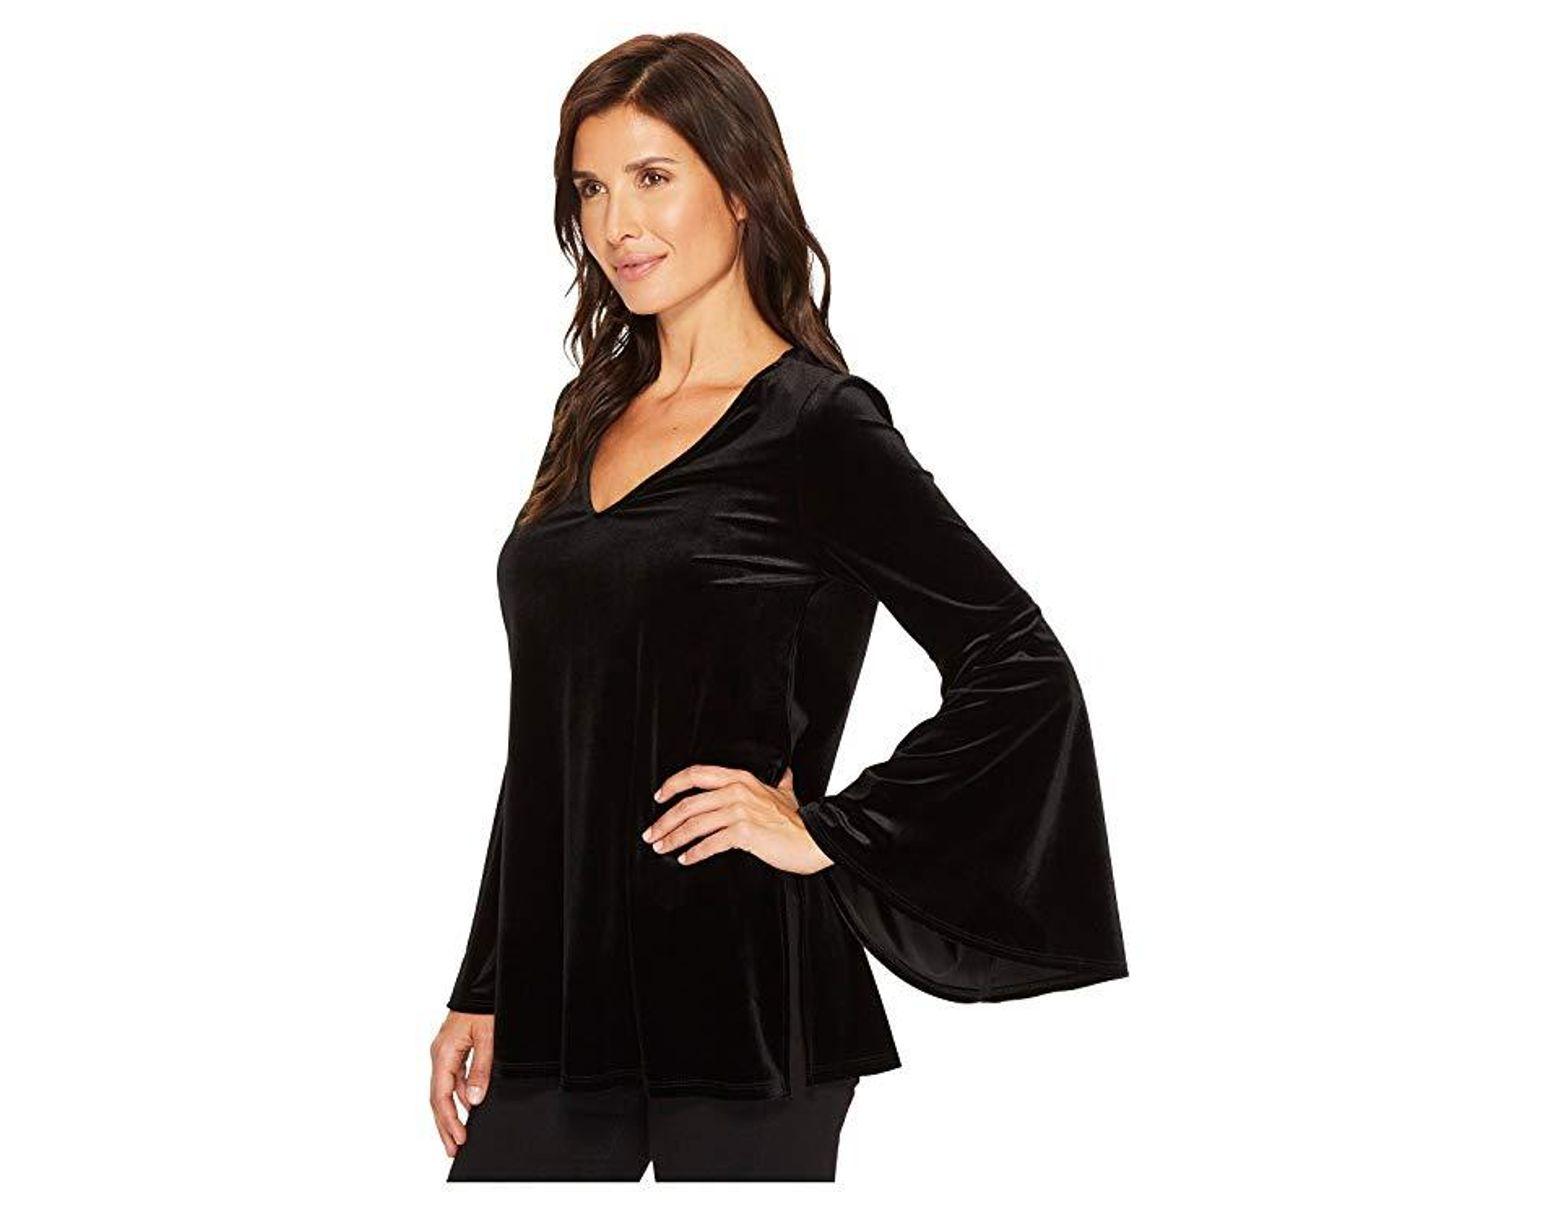 ea0a932dd615 Karen Kane Velvet Bell Sleeve V-neck Top (black) Clothing in Black - Save  58% - Lyst